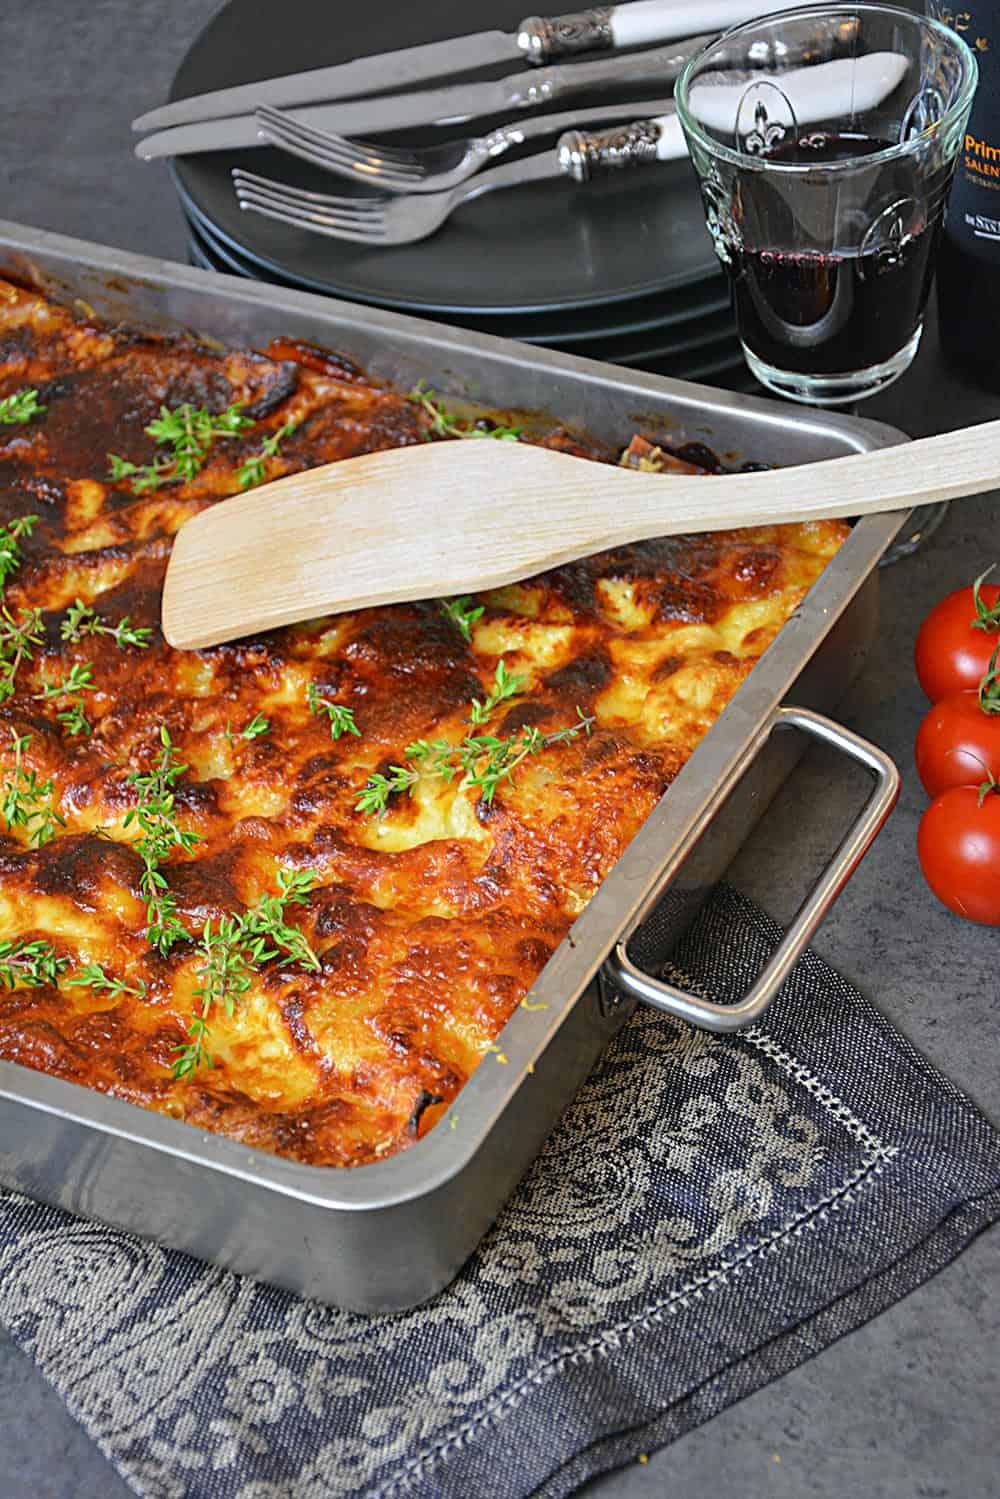 Ein einfaches Rezept für die klassische Lasagne Bolognese. Leckeres Soulfood aus dem Backofen direkt aus Italien. Ein Rezept für eine vegetarische Alternative findest du auch unter dem Rezept auf www.allekochen.com #rezept #lasagne #bolognese #pasta #food